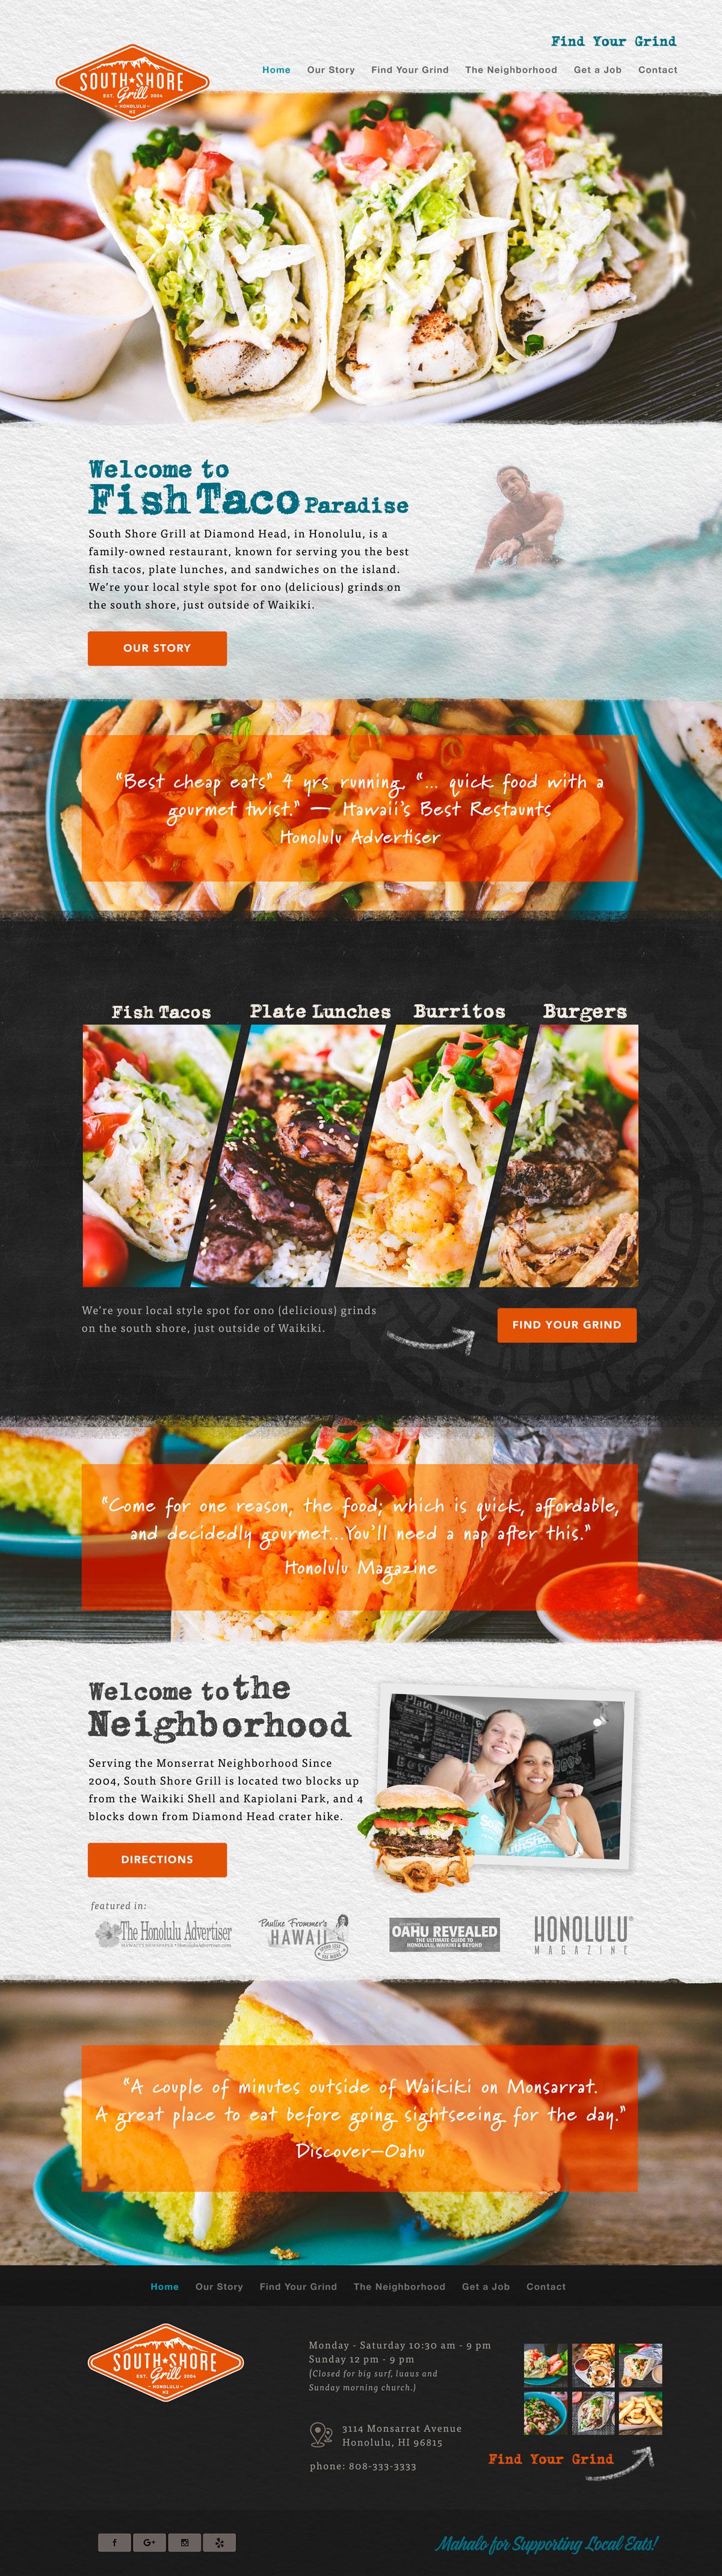 South-Shore-Grill-Website-Design-Matt-Coffman-2.jpg